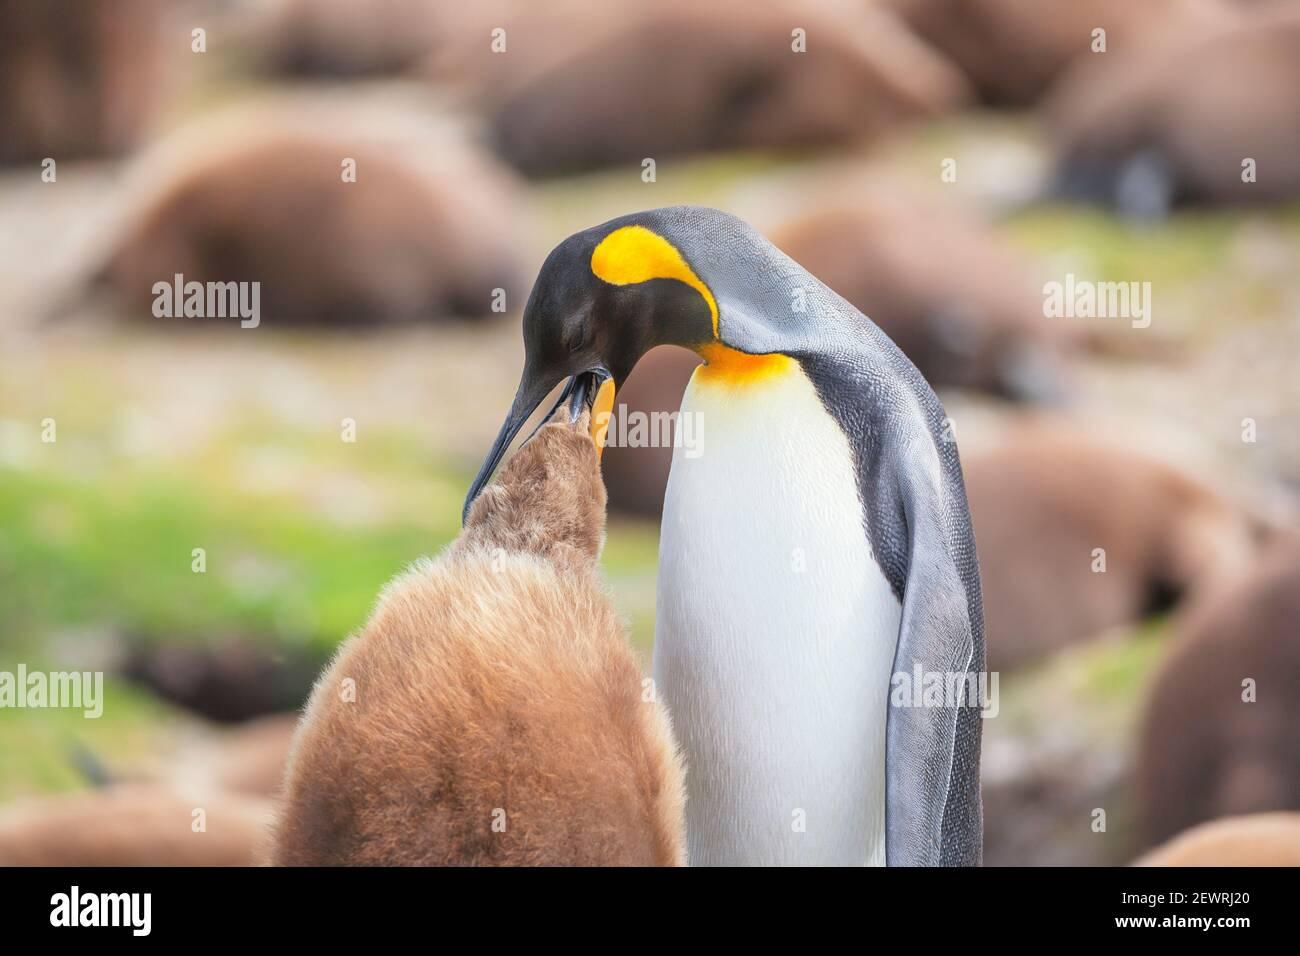 Un manchot royal adulte (Aptenodytes patagonicus) nourrissant son poussin, le Falkland oriental, les îles Falkland, l'Amérique du Sud Banque D'Images